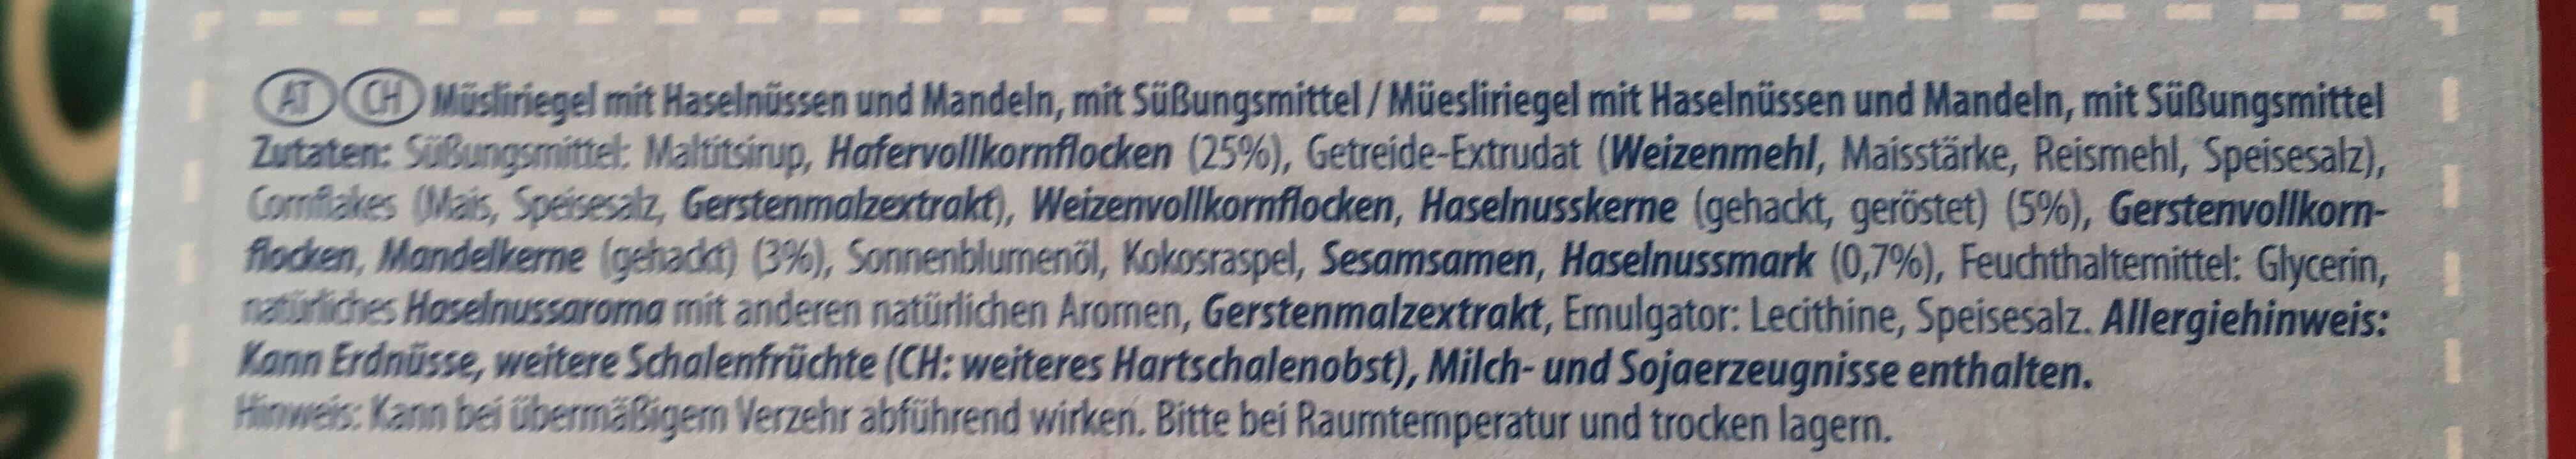 Müsli Riegel - Ingredients - de